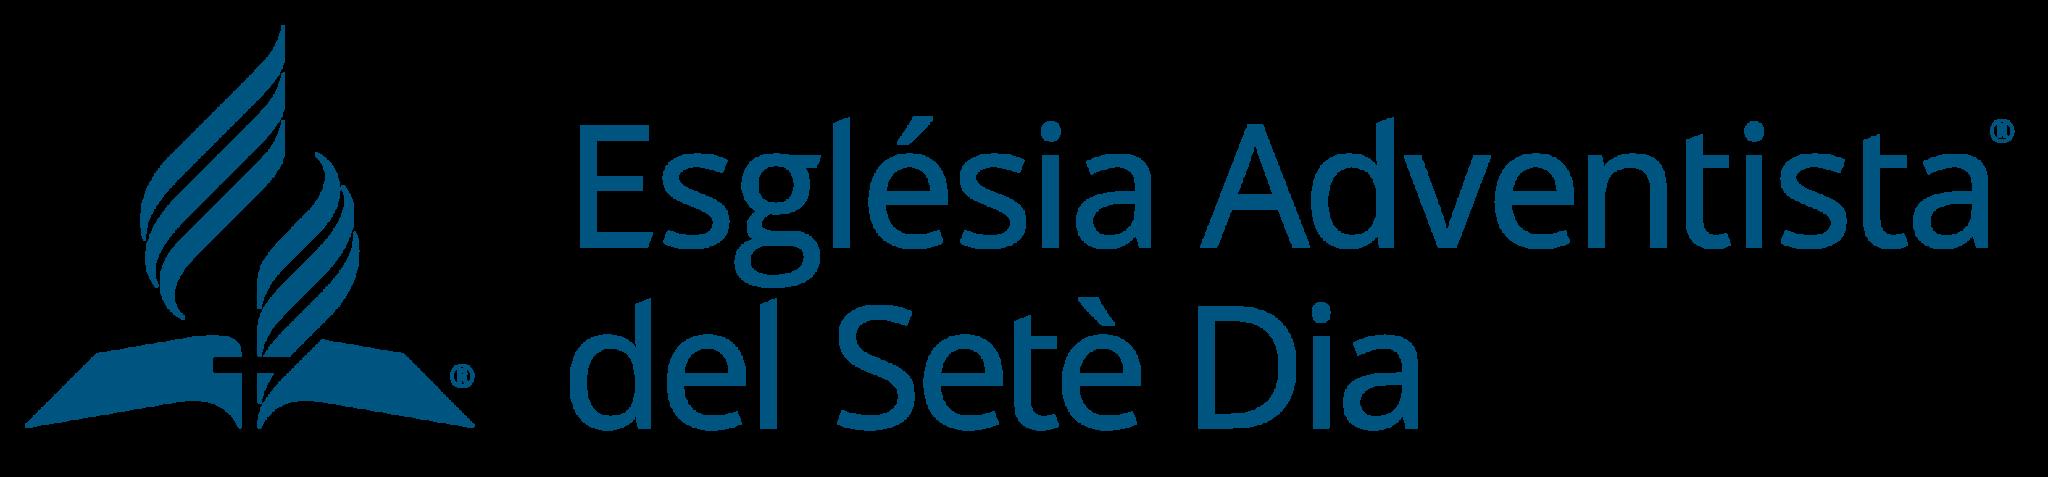 Església Adventista del Setè Dia